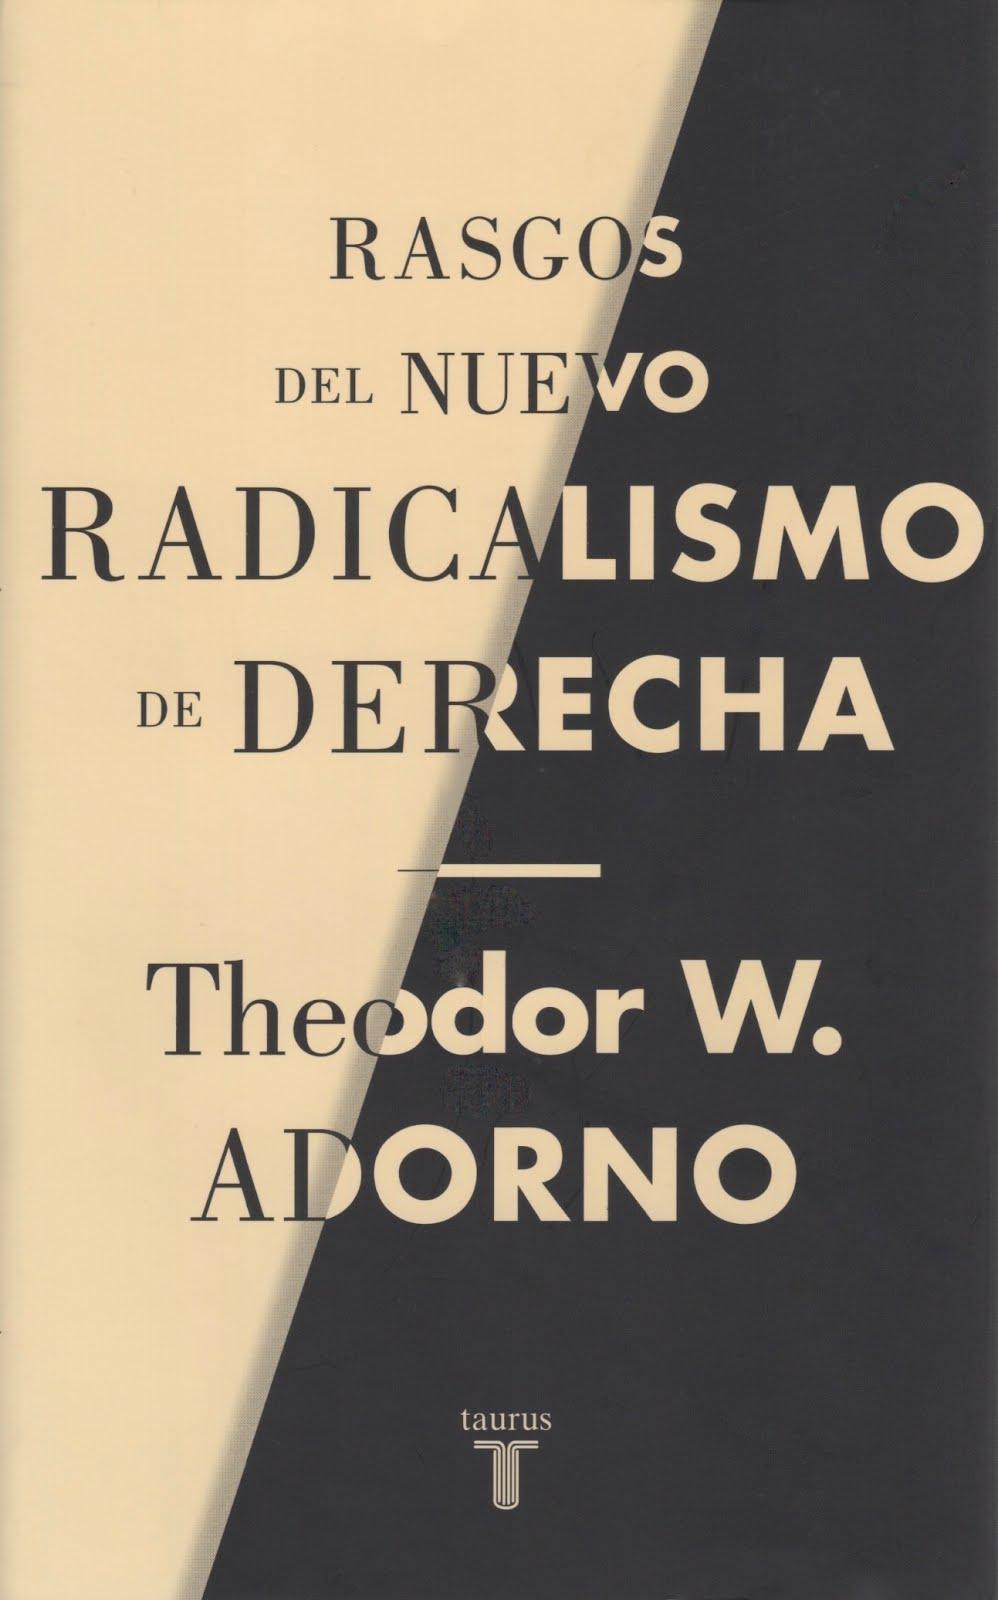 Theodor W. Adorno (Rasgos del nuevo radicalismo de derecha)